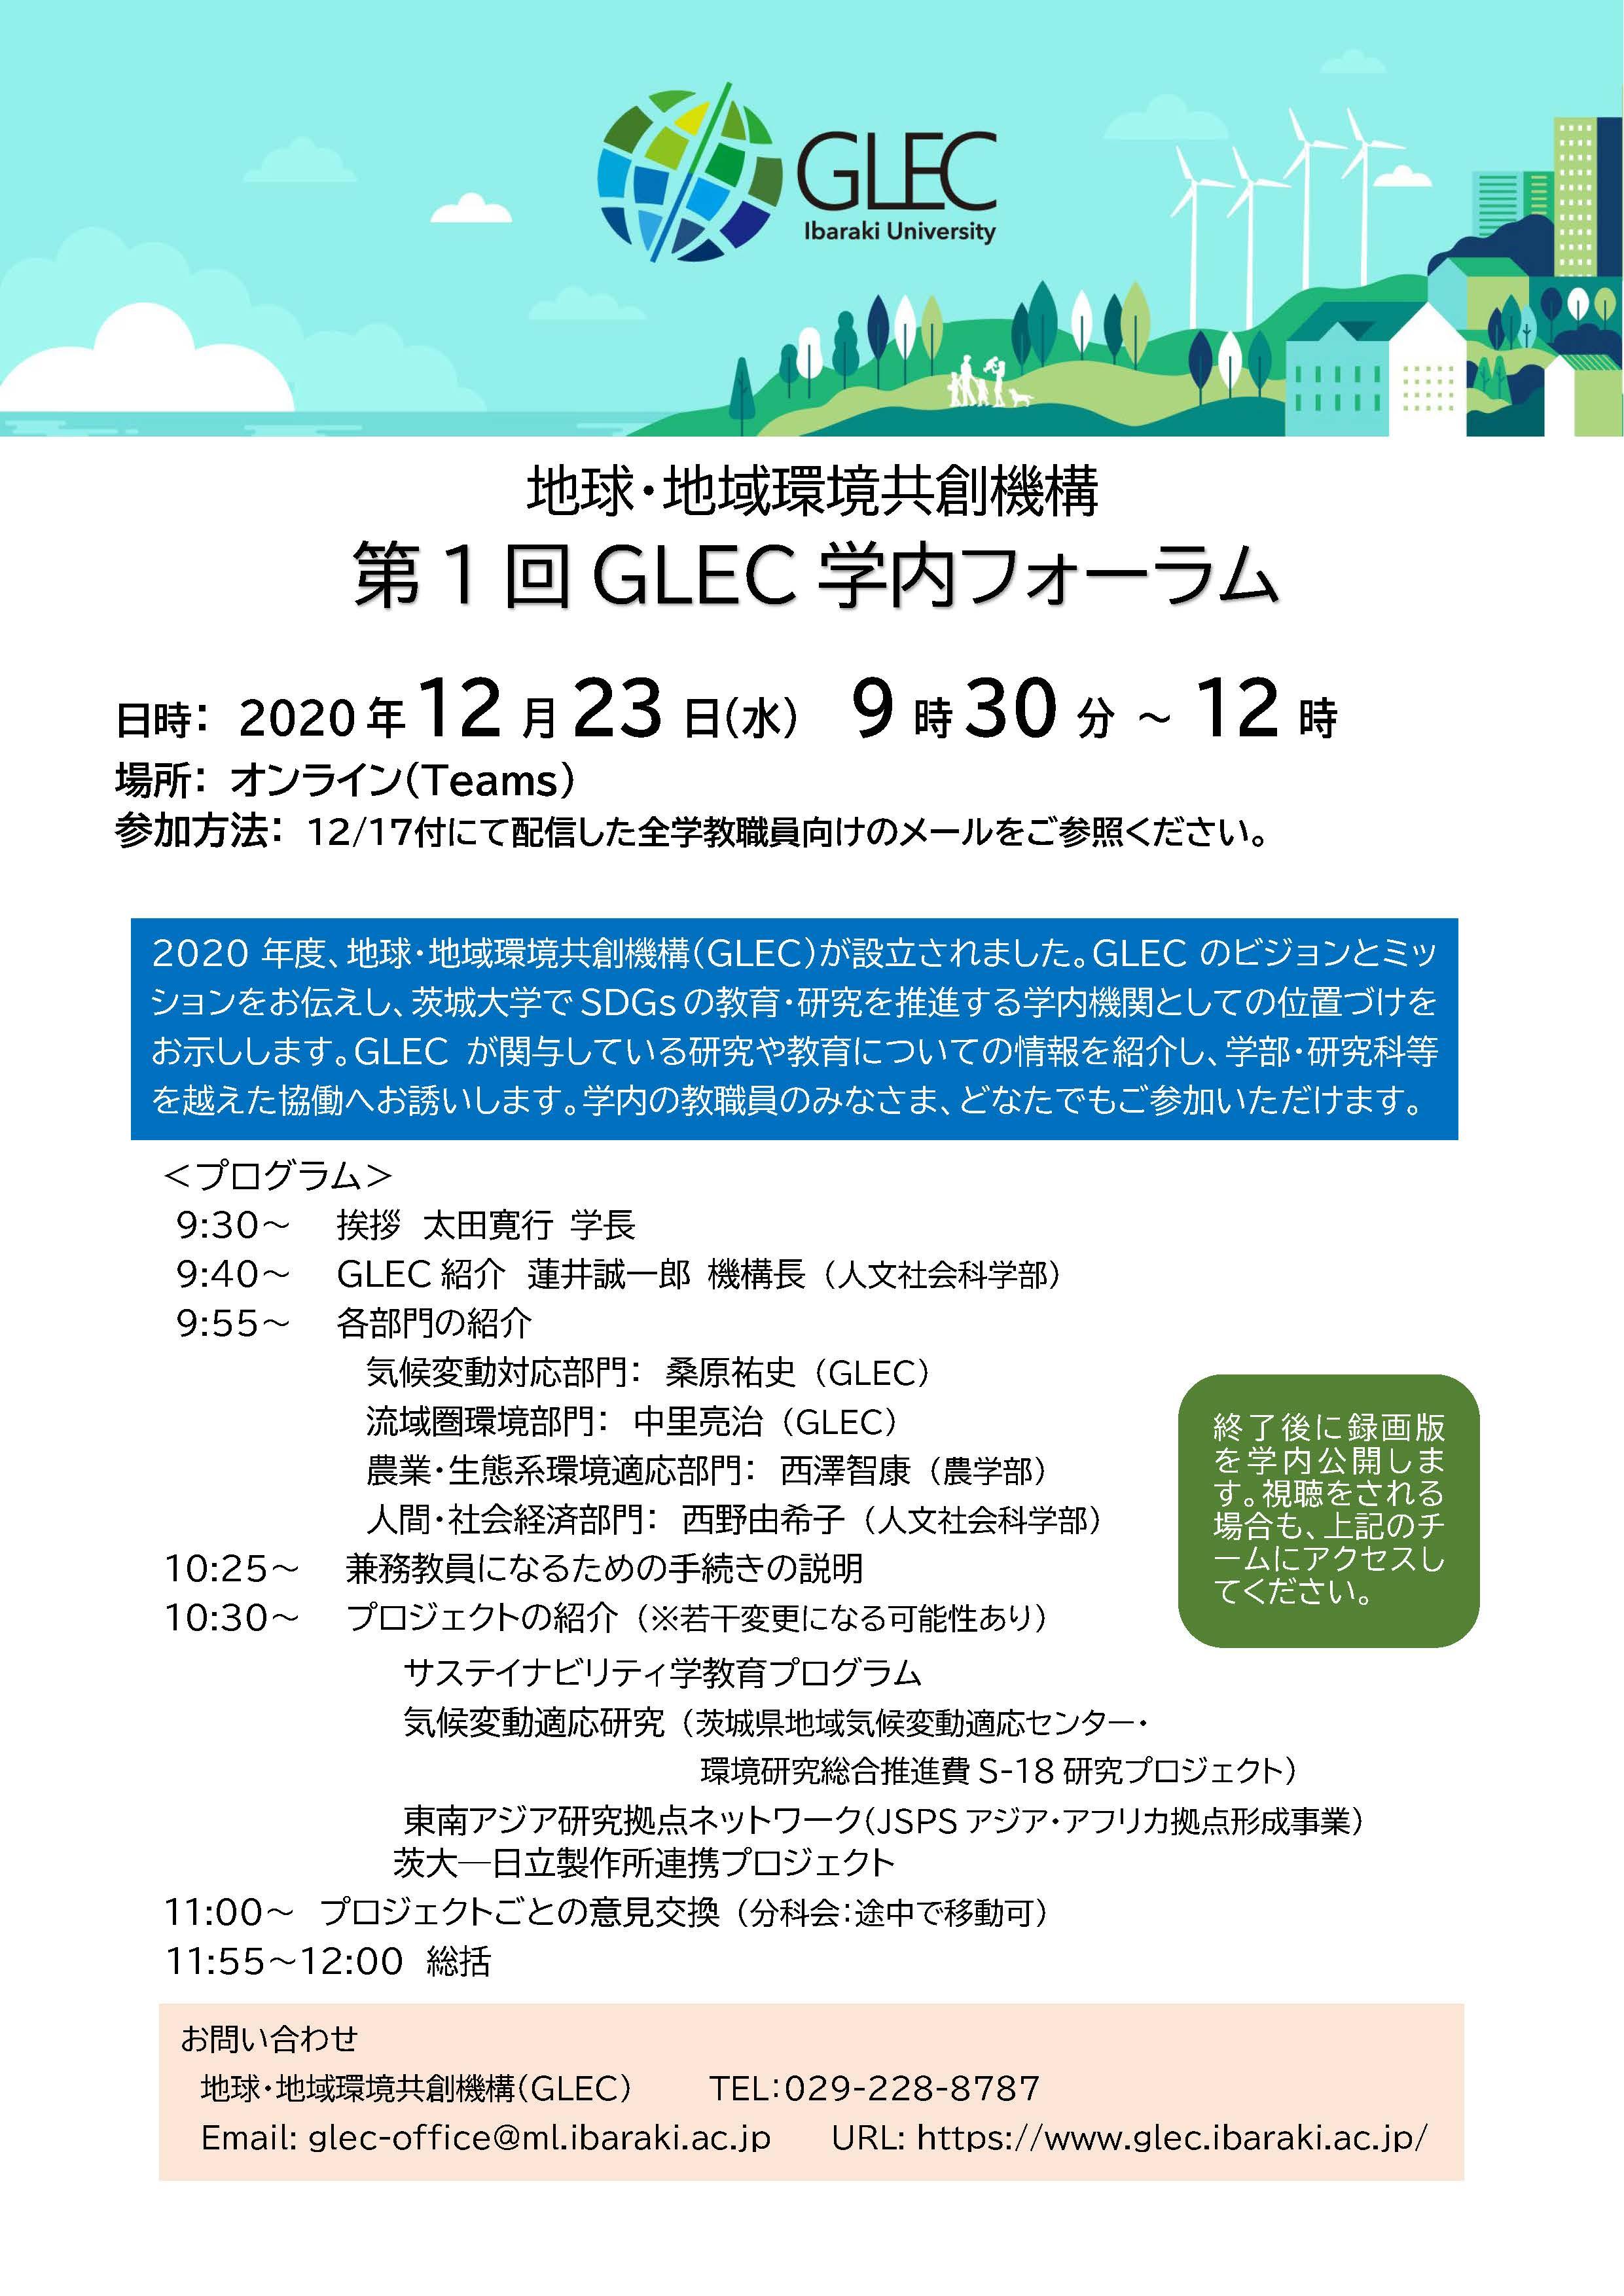 (開催報告)第一回GLEC学内フォーラム(12/23)